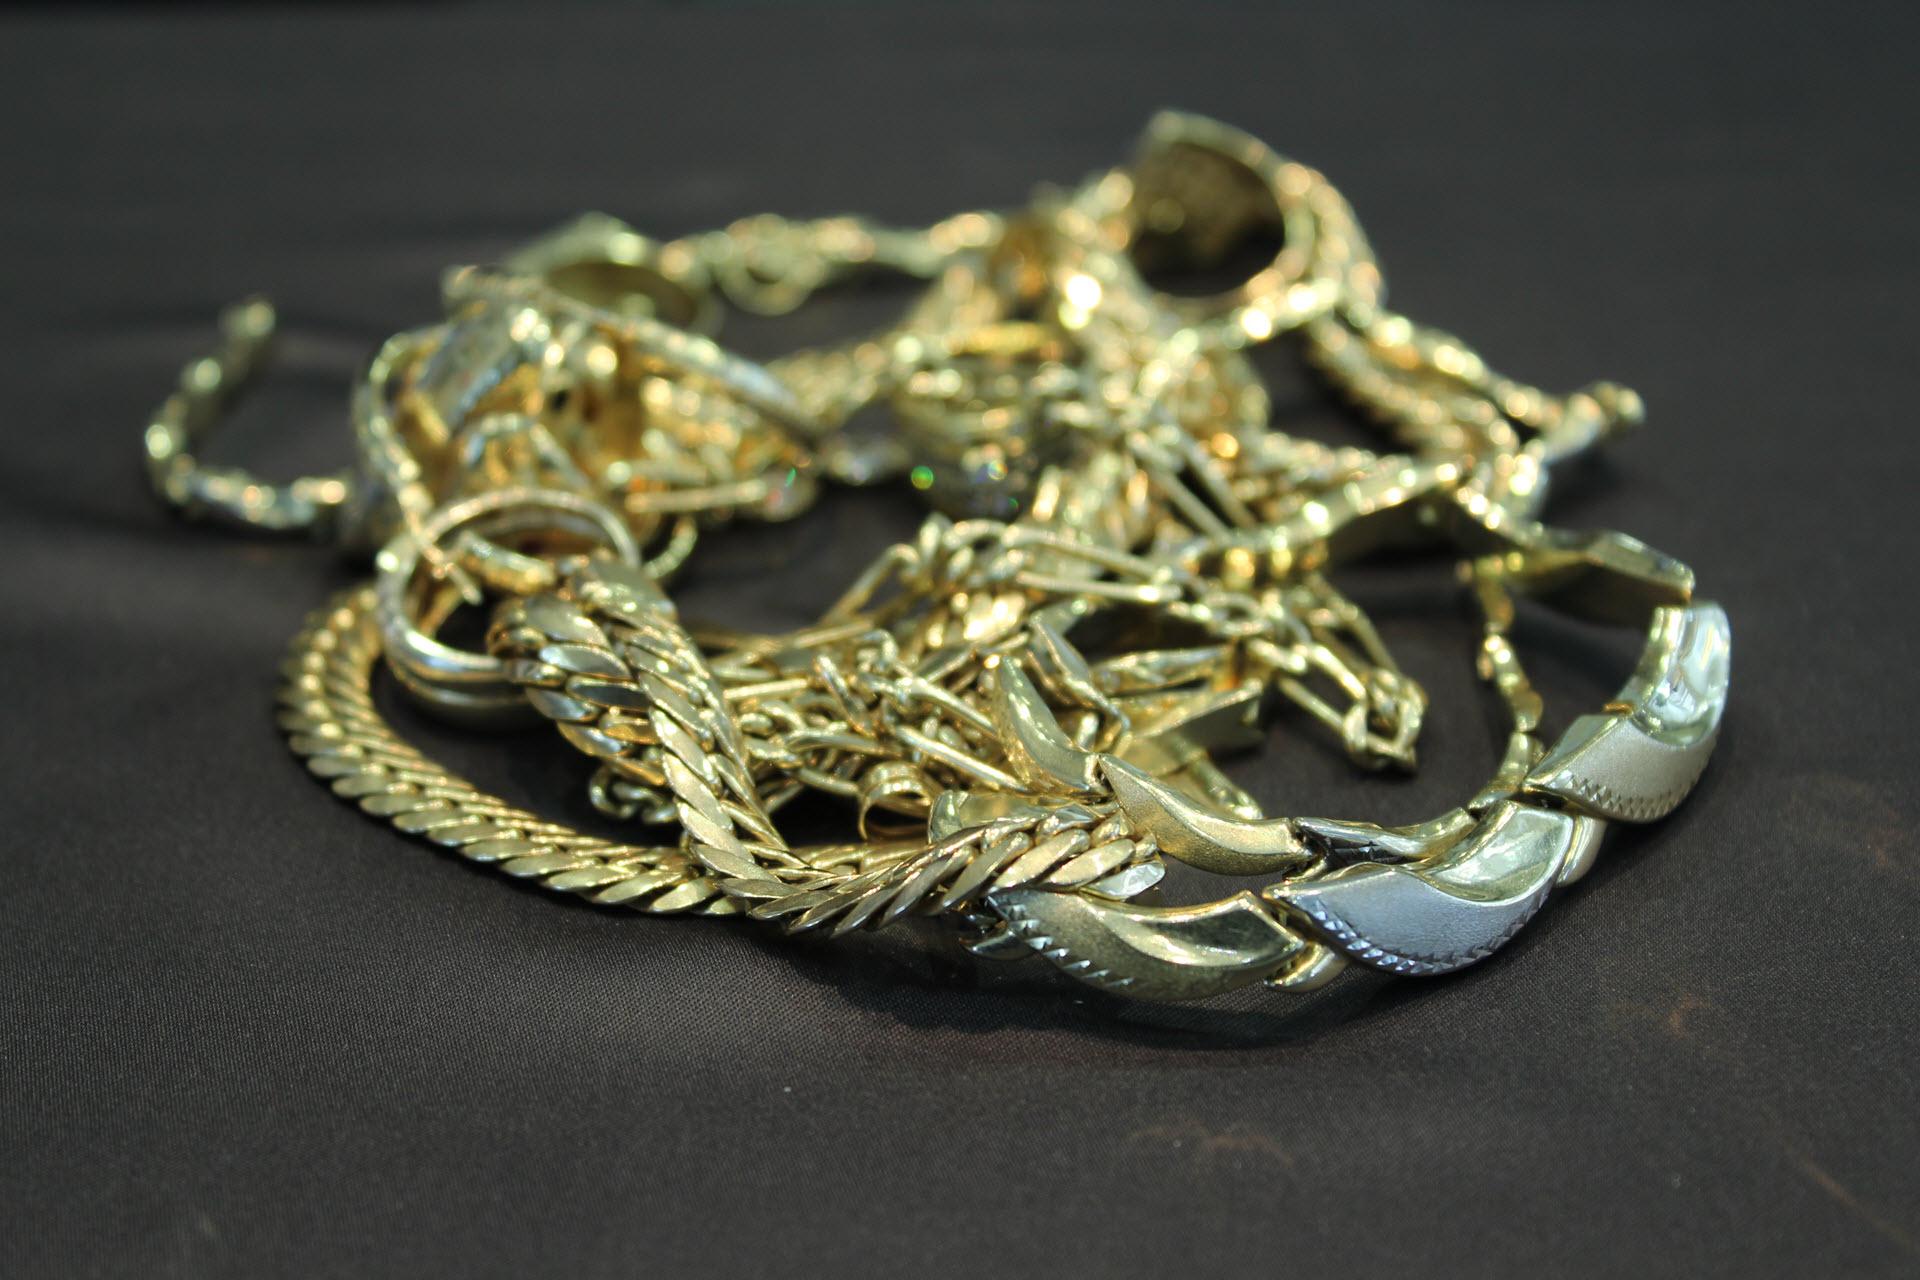 rolex-uhrenankauf-wien-juwelier-sascha, Breitling-Markenuhr-Uhren-Ankauf-Wien-Juwelier-Sascha, Goldringe